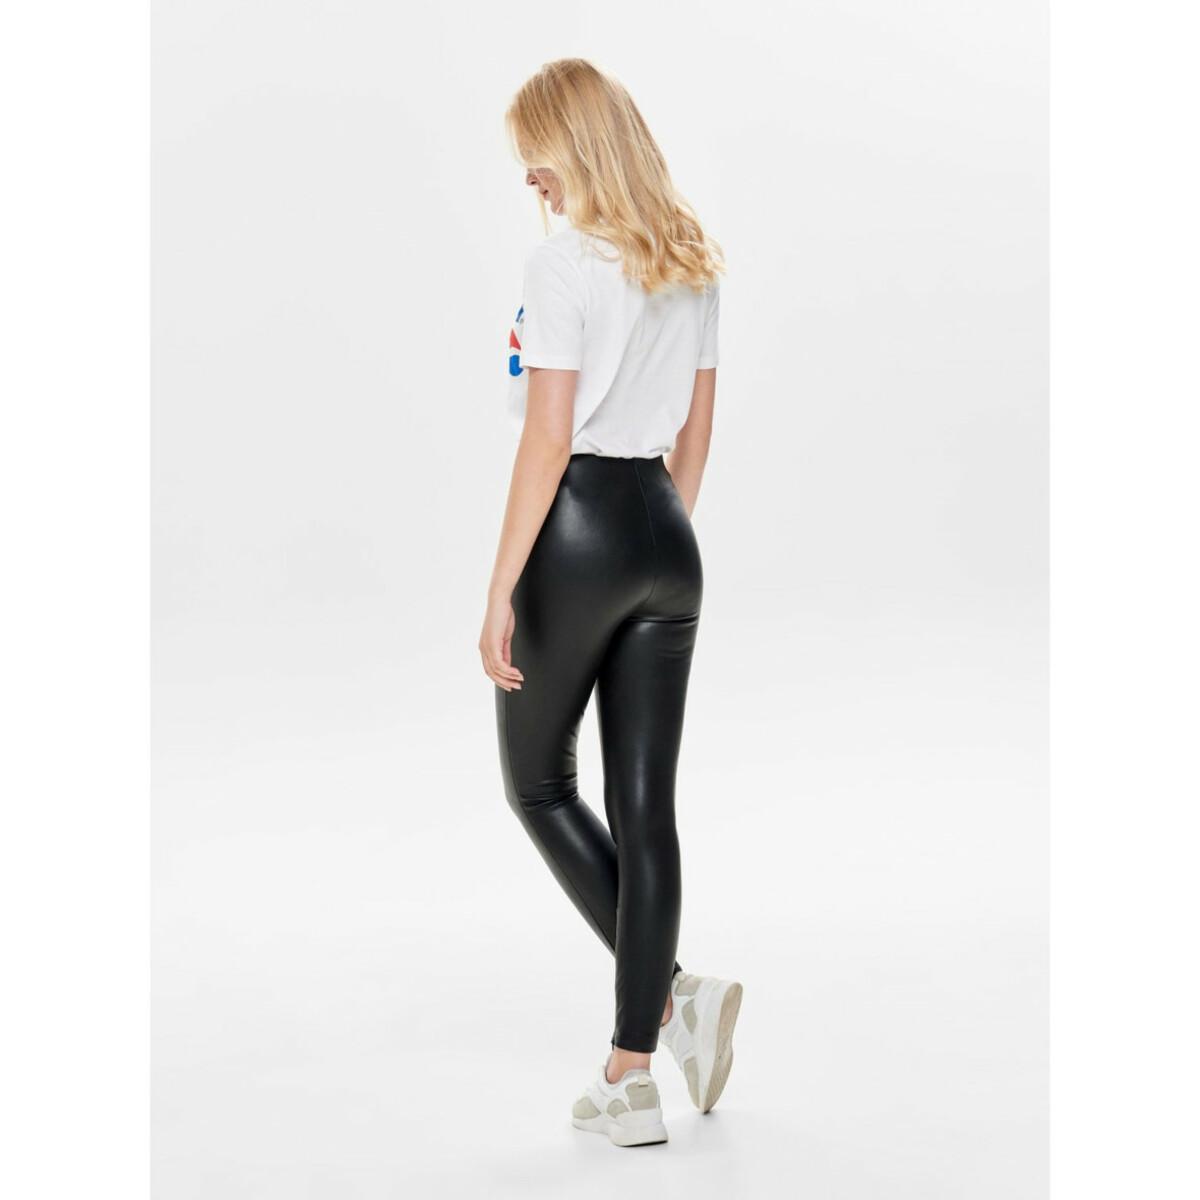 Bild 5 von Damen Only Fake Lederhose in schmaler Form